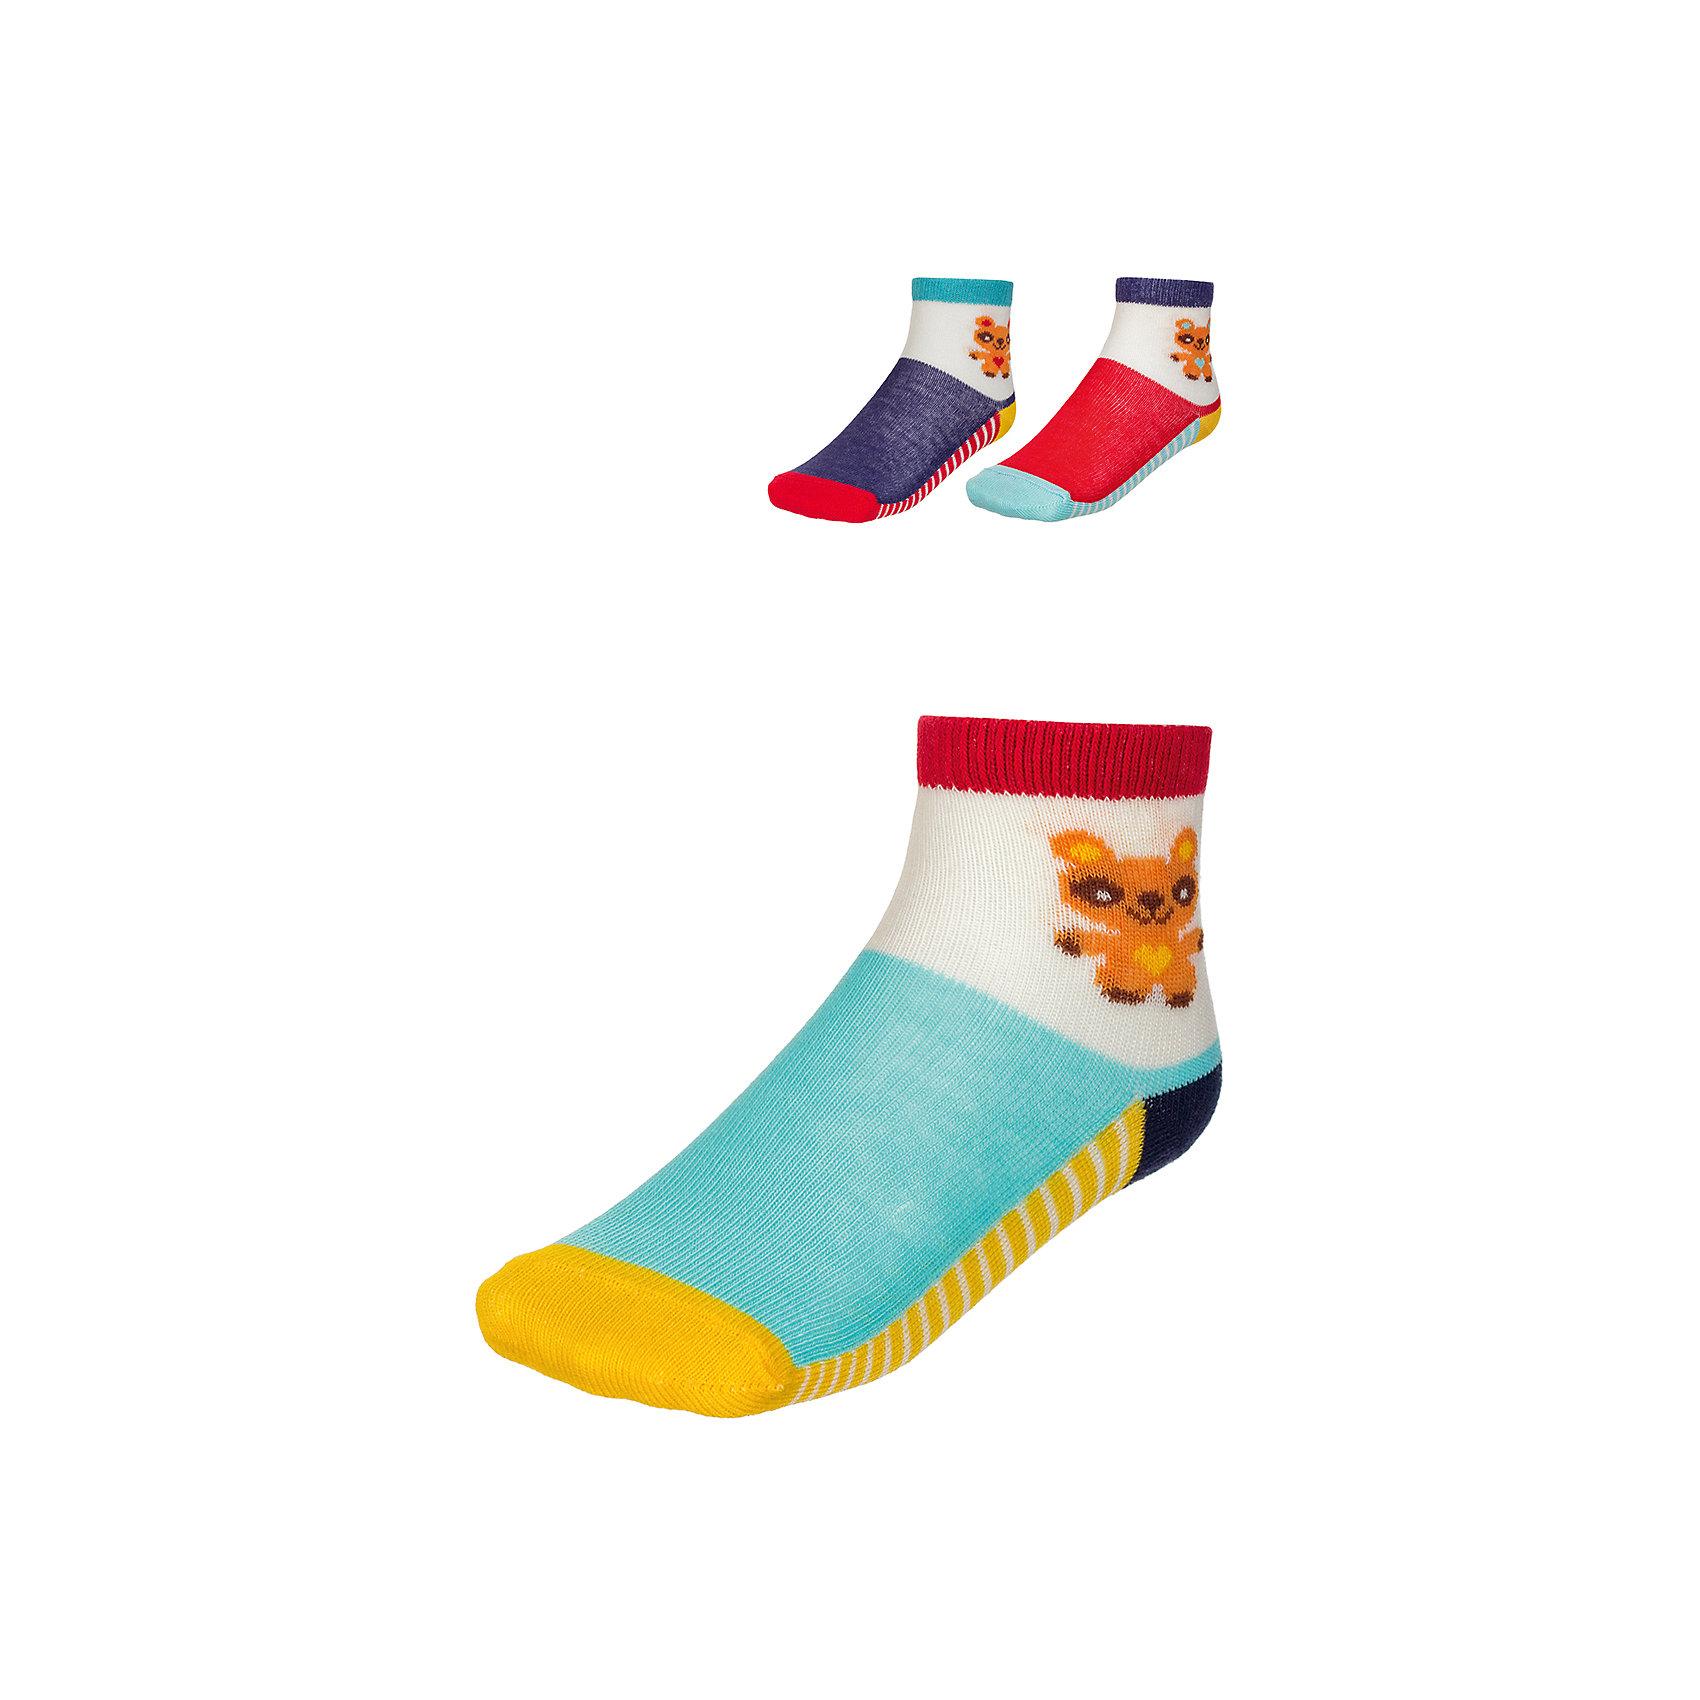 Носки ( 3 пары) BaykarНоски<br>Характеристики товара:<br><br>• цвет: синий<br>• состав ткани: 75% хлопок; 22% полиамид; 3% эластан<br>• комплектация: 3 пары<br>• сезон: круглый год<br>• страна бренда: Турция<br>• страна изготовитель: Турция<br><br>Хлопковые носки - залог комфорта ребенка. Этот набор носков от турецкого бренда Baykar позволит обеспечить ногам ребенка удобство.<br><br>Качественные носки дают коже дышать, хорошо впитывают влагу. Мягкая резинка не давит на ногу.<br><br>Носки (3 пары) Baykar (Байкар) можно купить в нашем интернет-магазине.<br><br>Ширина мм: 87<br>Глубина мм: 10<br>Высота мм: 105<br>Вес г: 115<br>Цвет: белый<br>Возраст от месяцев: 18<br>Возраст до месяцев: 24<br>Пол: Унисекс<br>Возраст: Детский<br>Размер: 15/16,10,10-14<br>SKU: 6863895